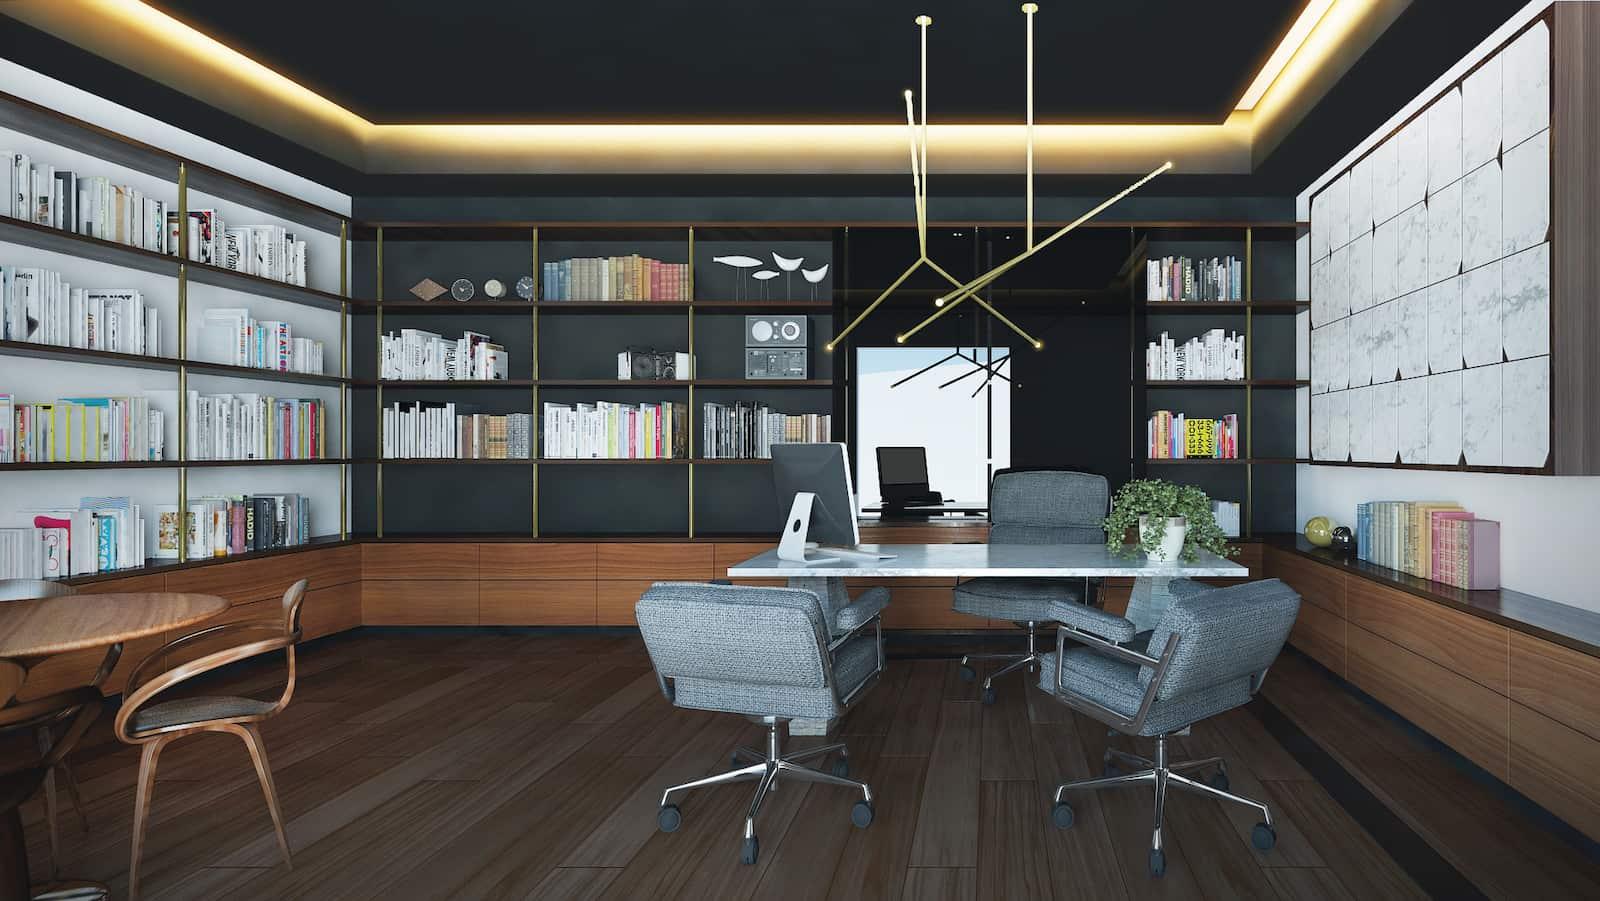 casabosquerealvr04-CVBR-Biblioteca